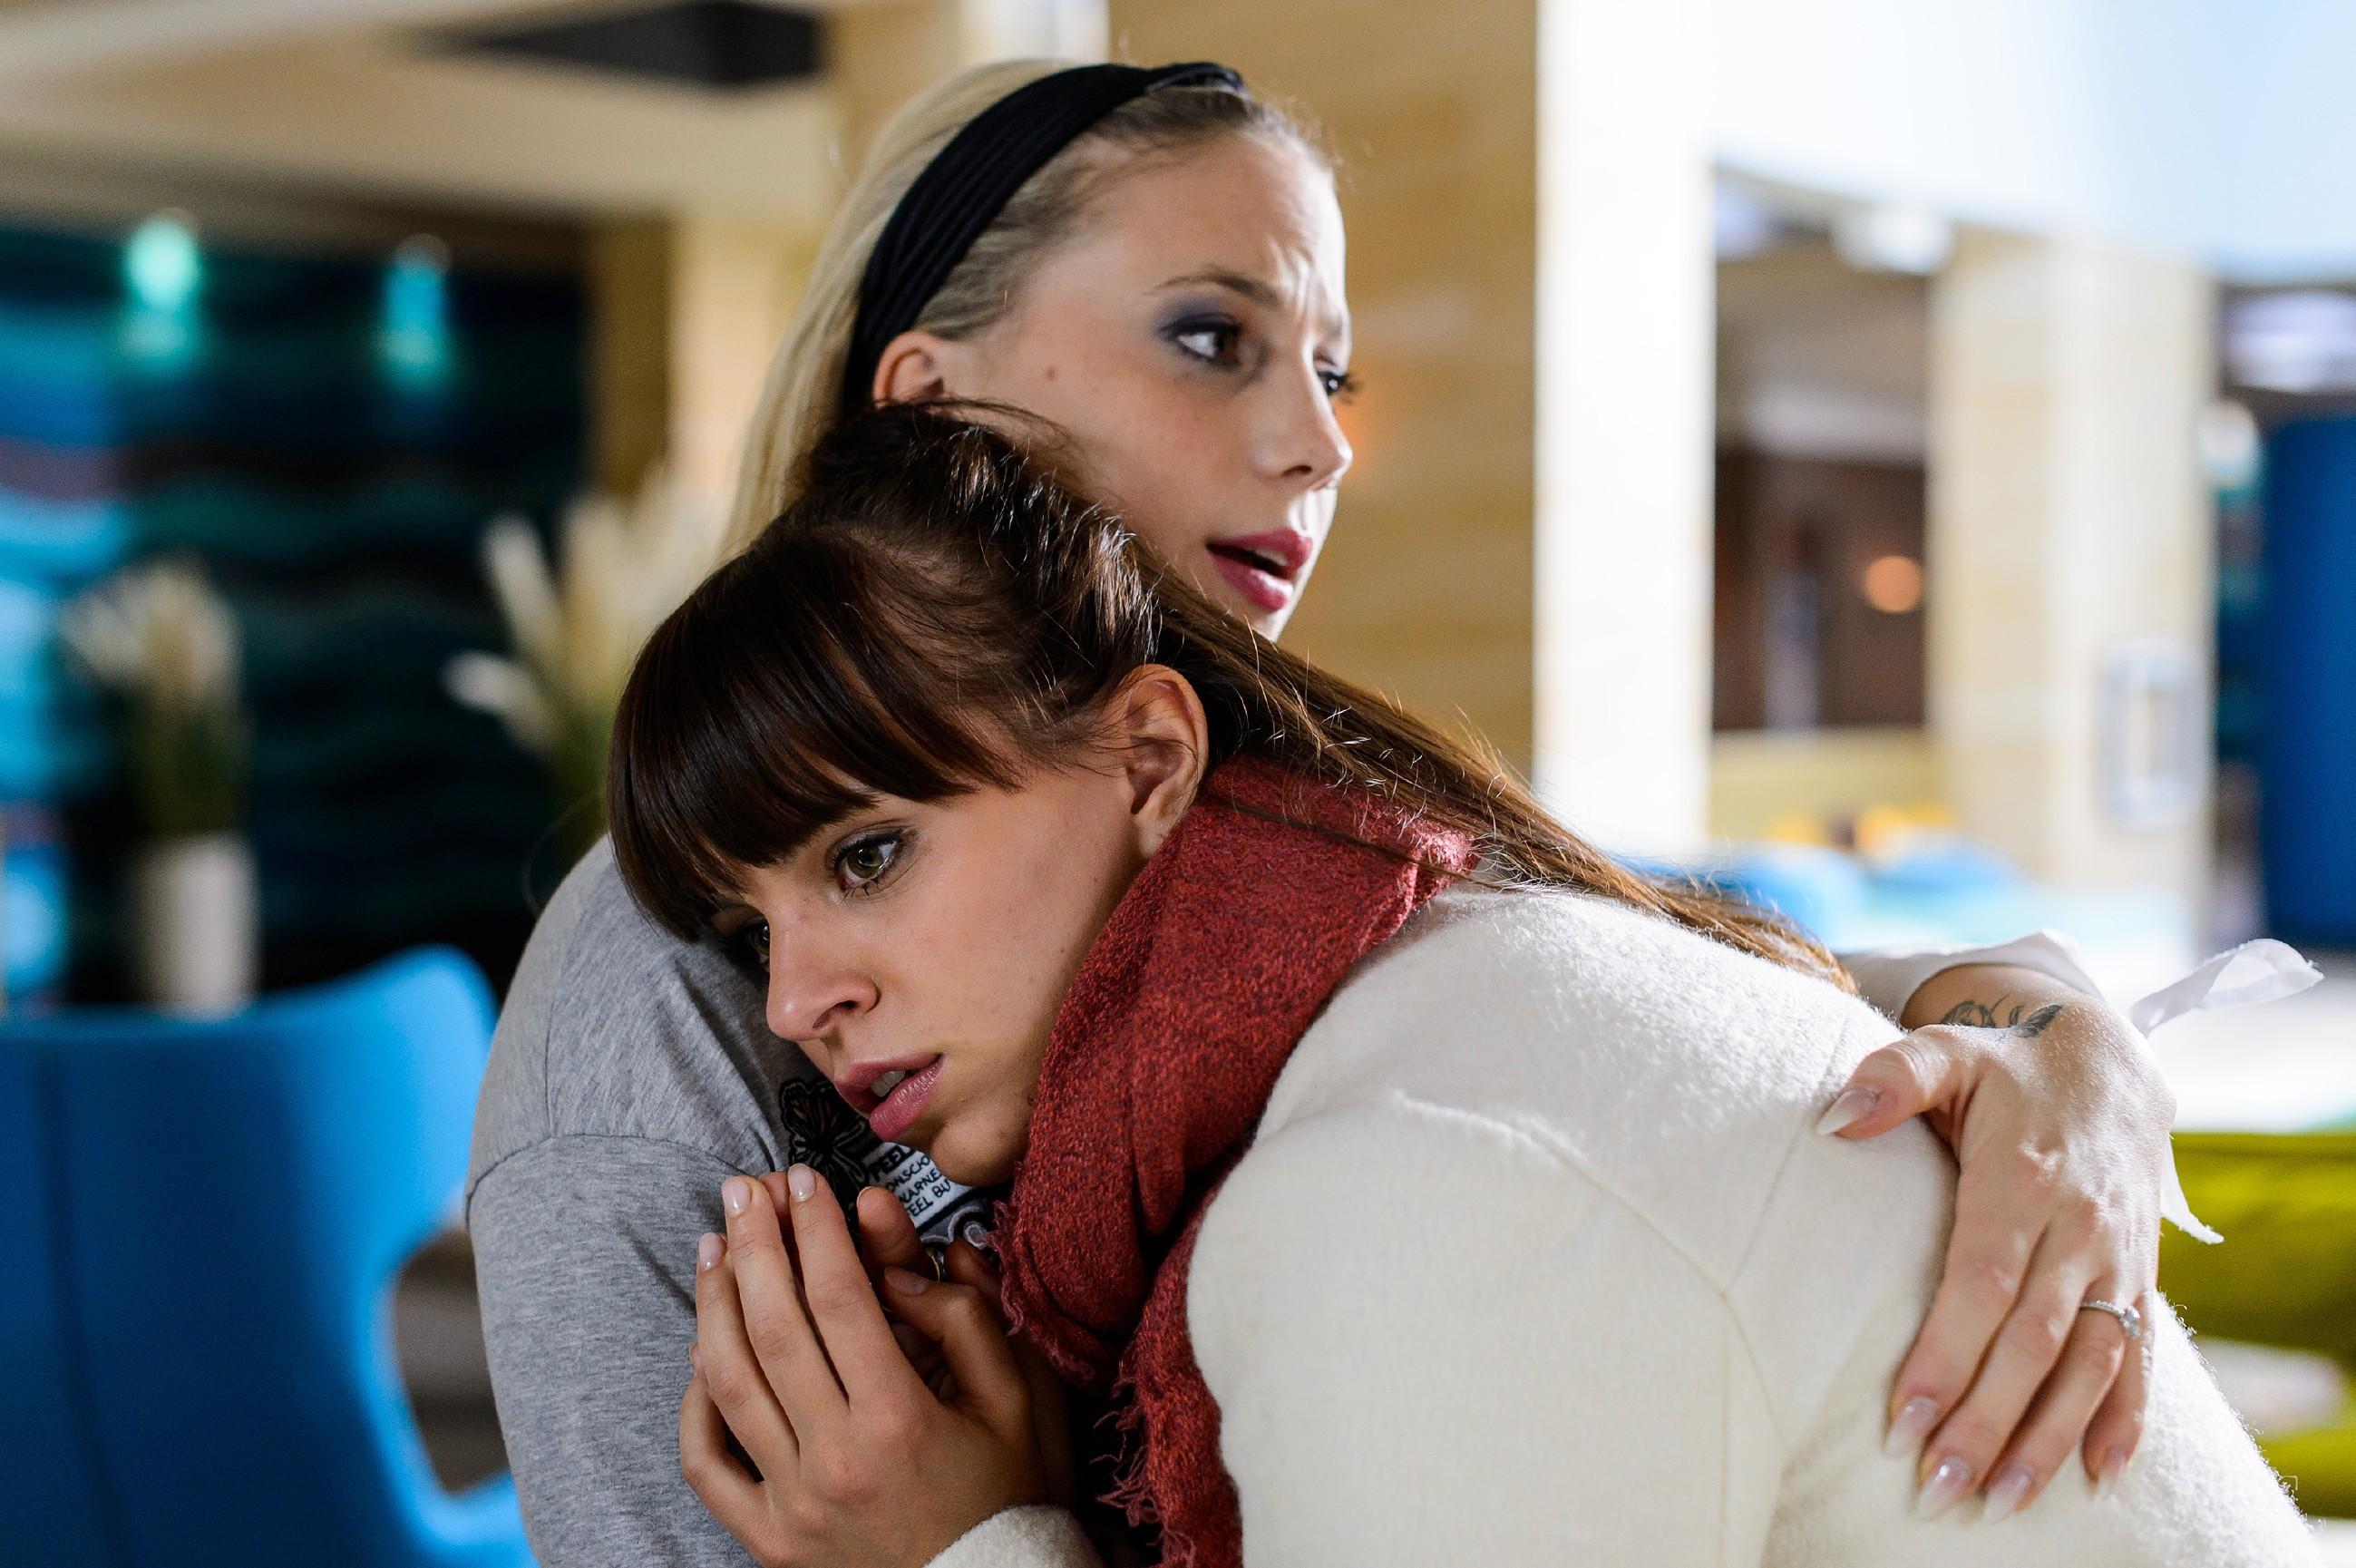 Michelle (Franziska Benz, r.) ist von der Nachricht von Vincents Tod völlig überfordert und wird von Iva (Christina Klein) aufgefangen. (Quelle: RTL / Willi Weber)